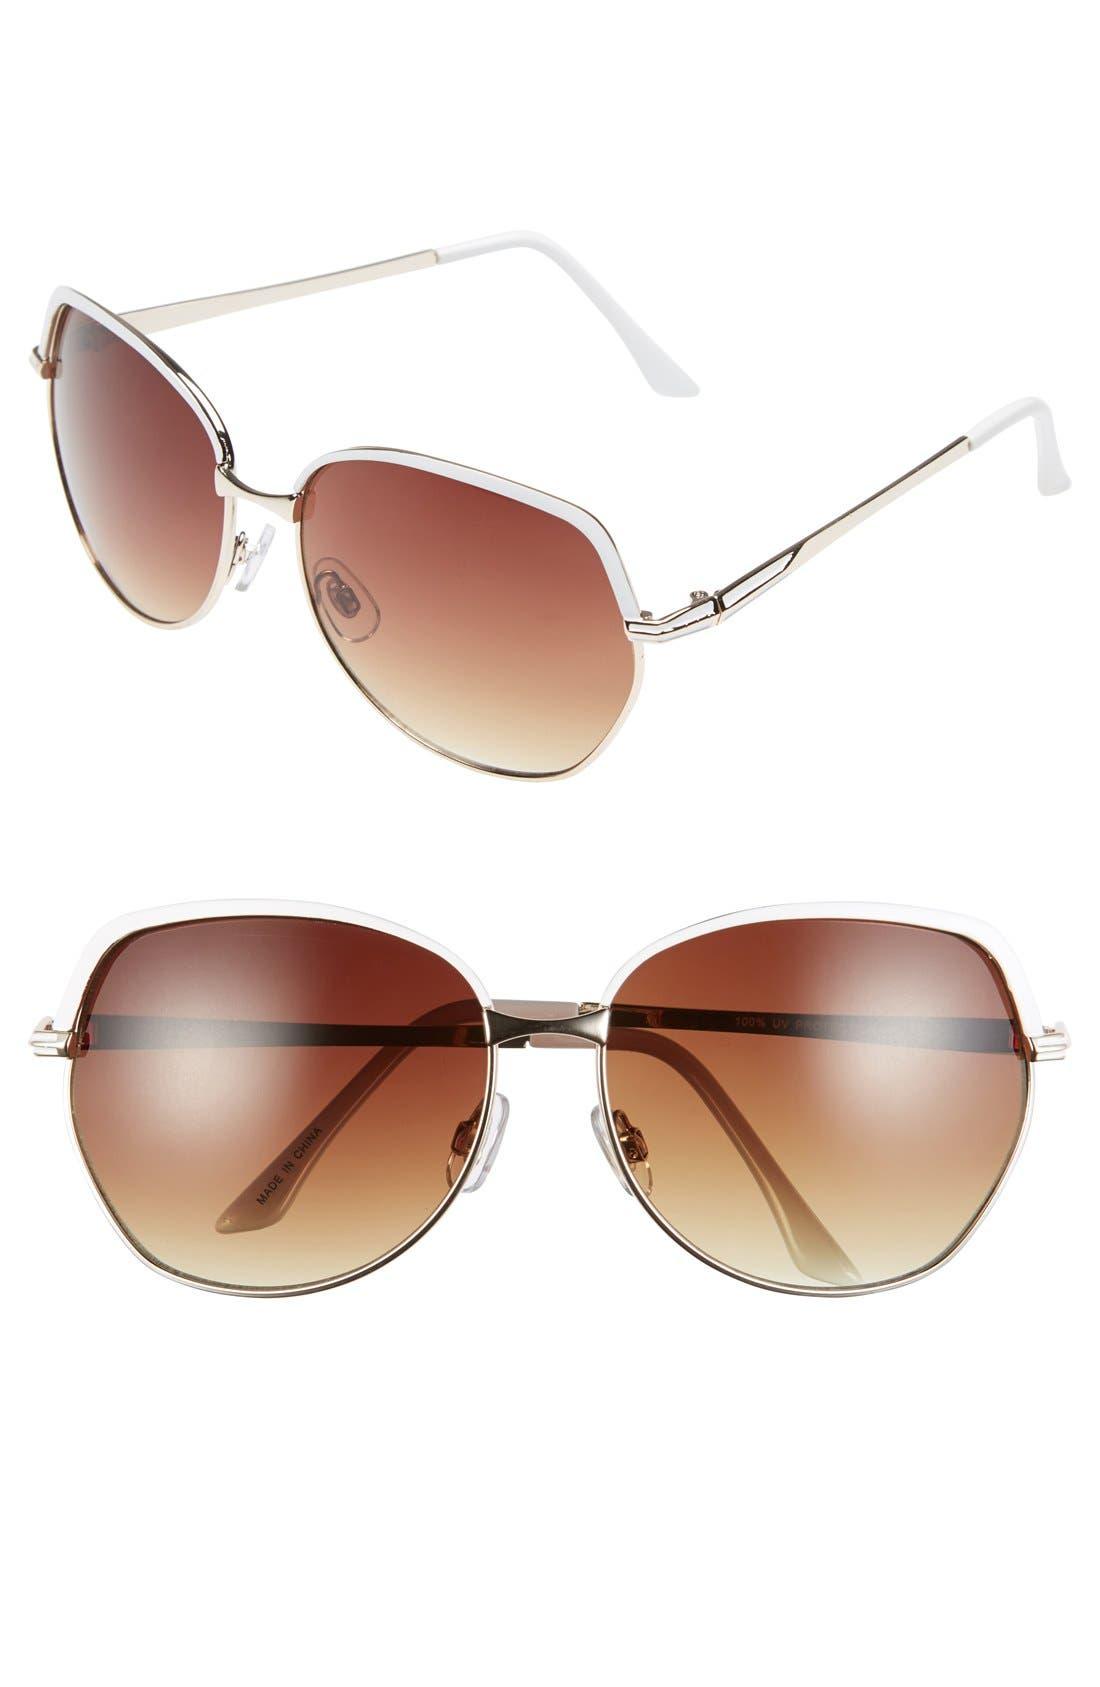 Main Image - BP. 'Incognito' 61mm Sunglasses